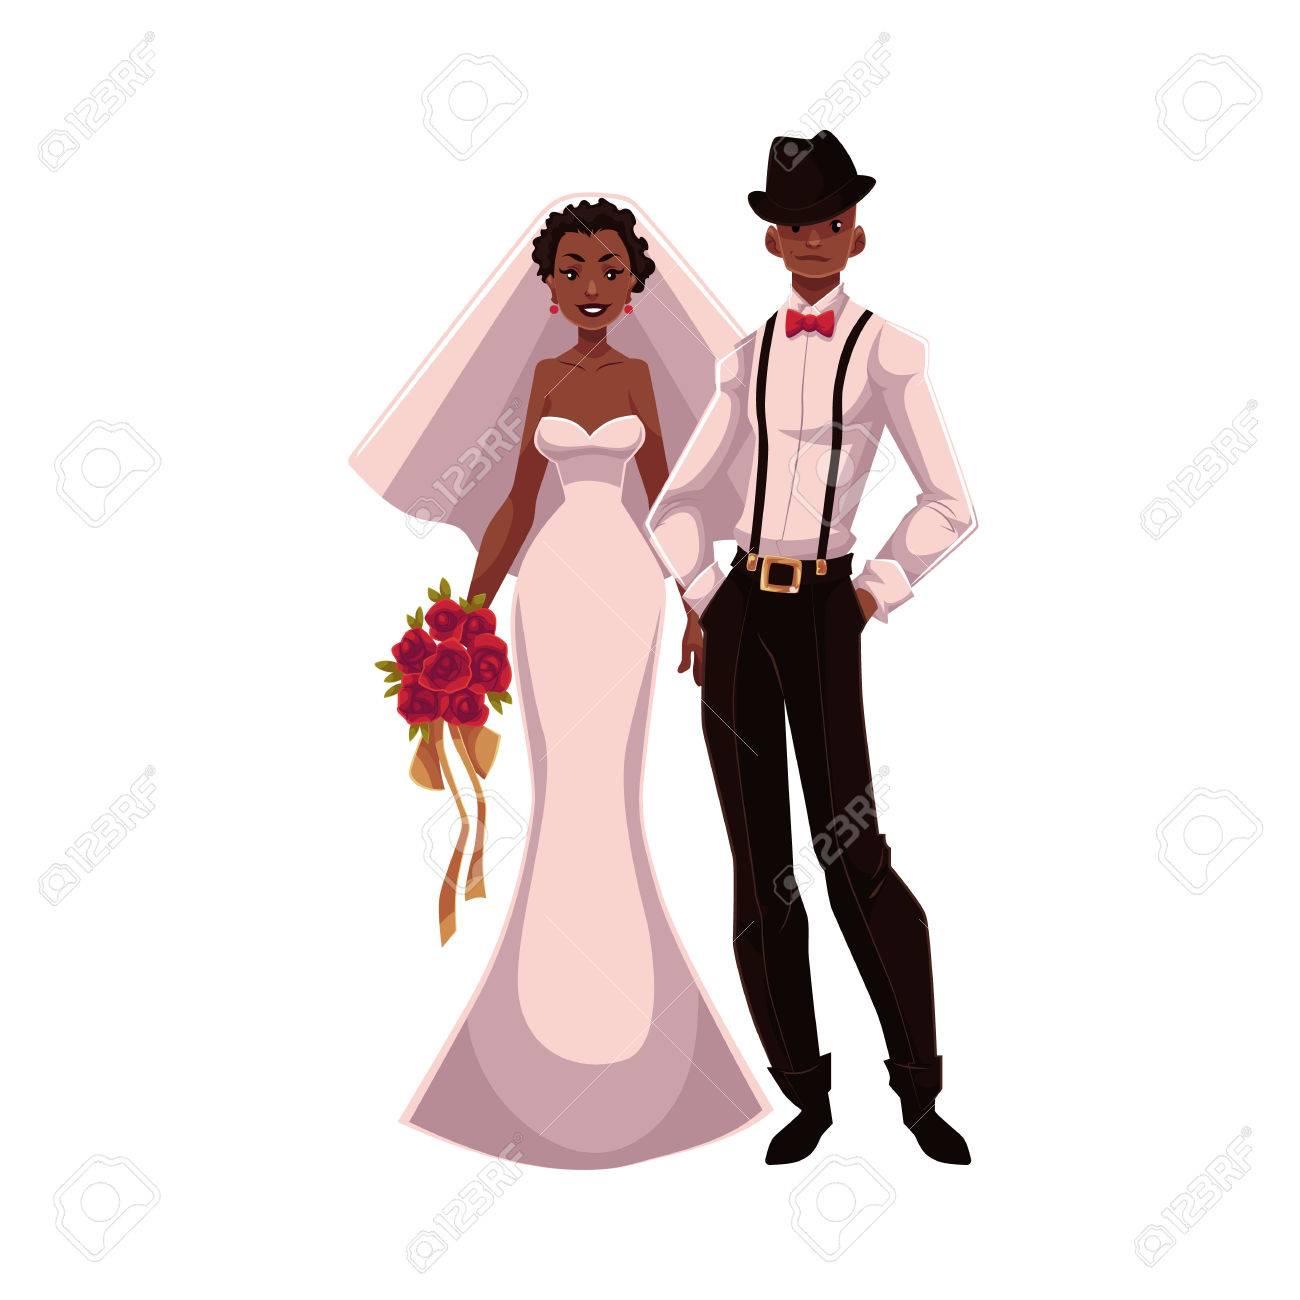 Afro Américaine Vient De Se Marier Couples Jeune Mariée Et Le Marié Dessin Animé Illustration Isolé Sur Fond Blanc Mariée Noire Et Le Marié Dans Les Vêtements à La Mode De Se Marier